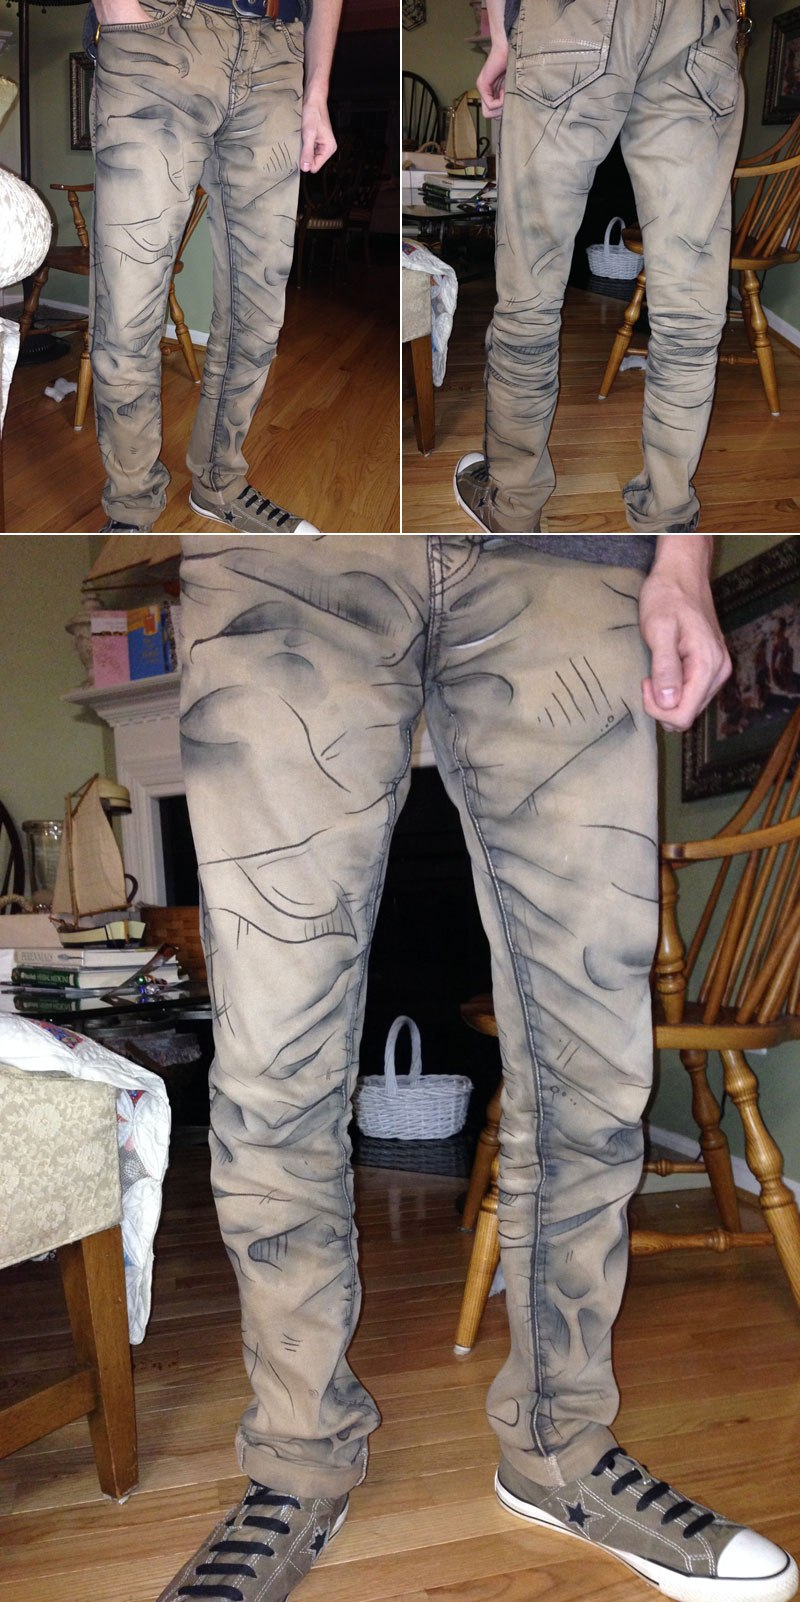 《无主之地》系列卡通渲染长裤现实版 逼真而又还原